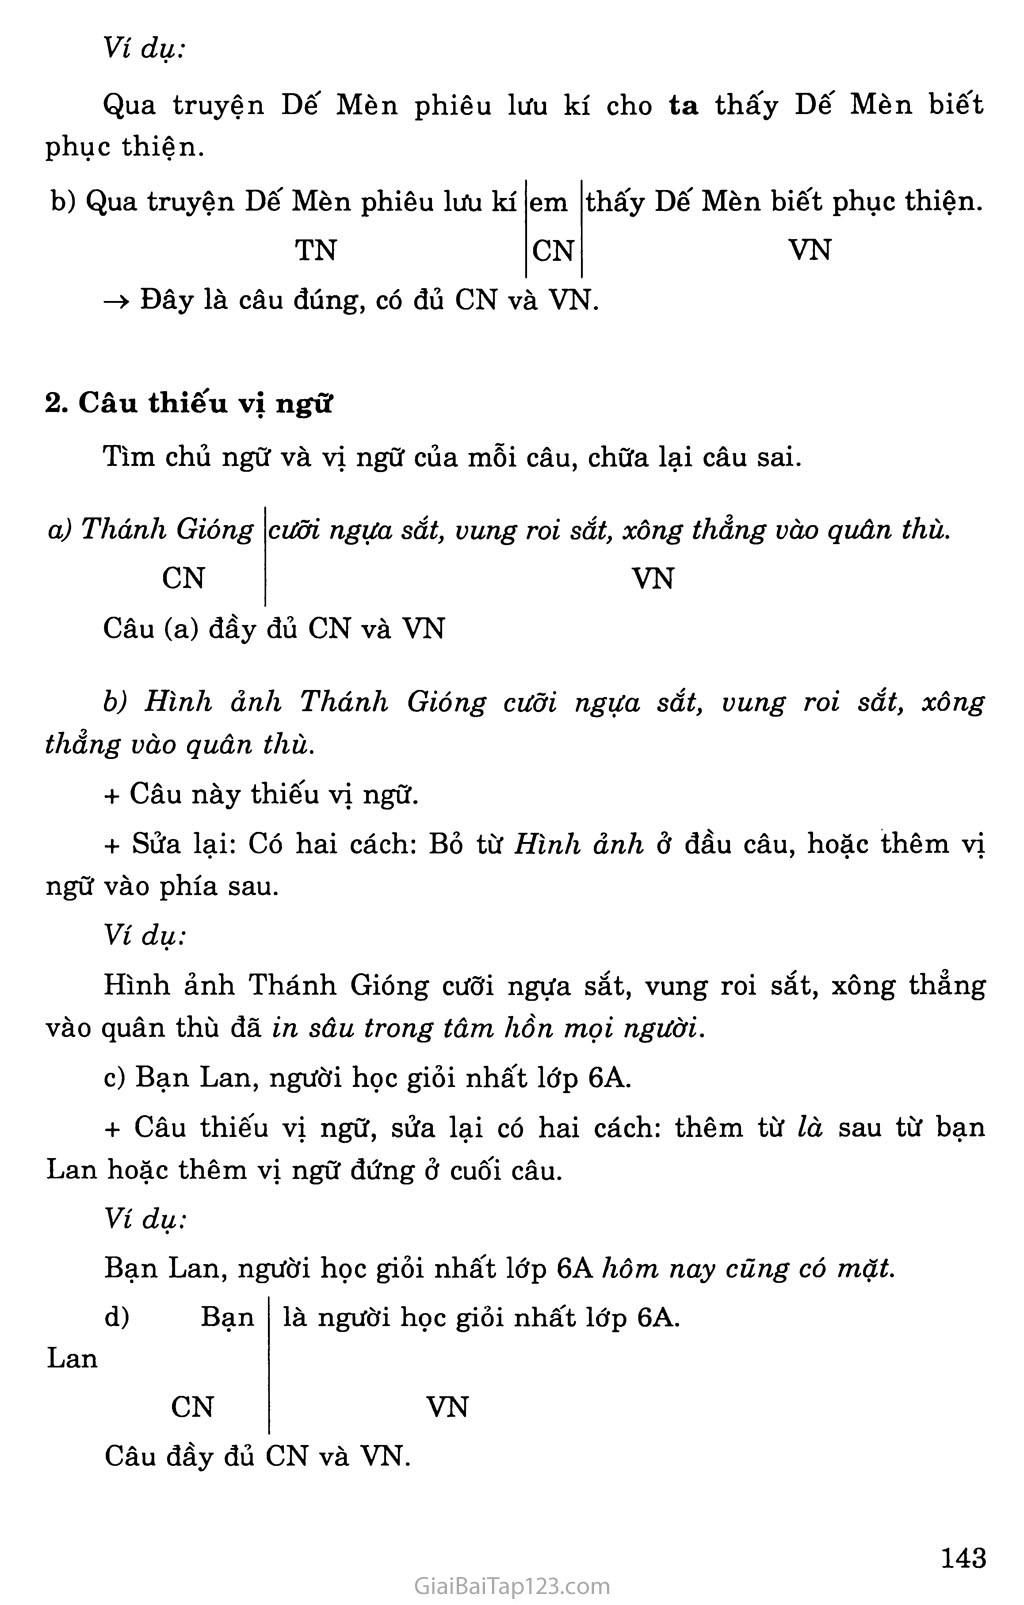 Chữa lỗi về chủ ngữ và vị ngữ trang 2